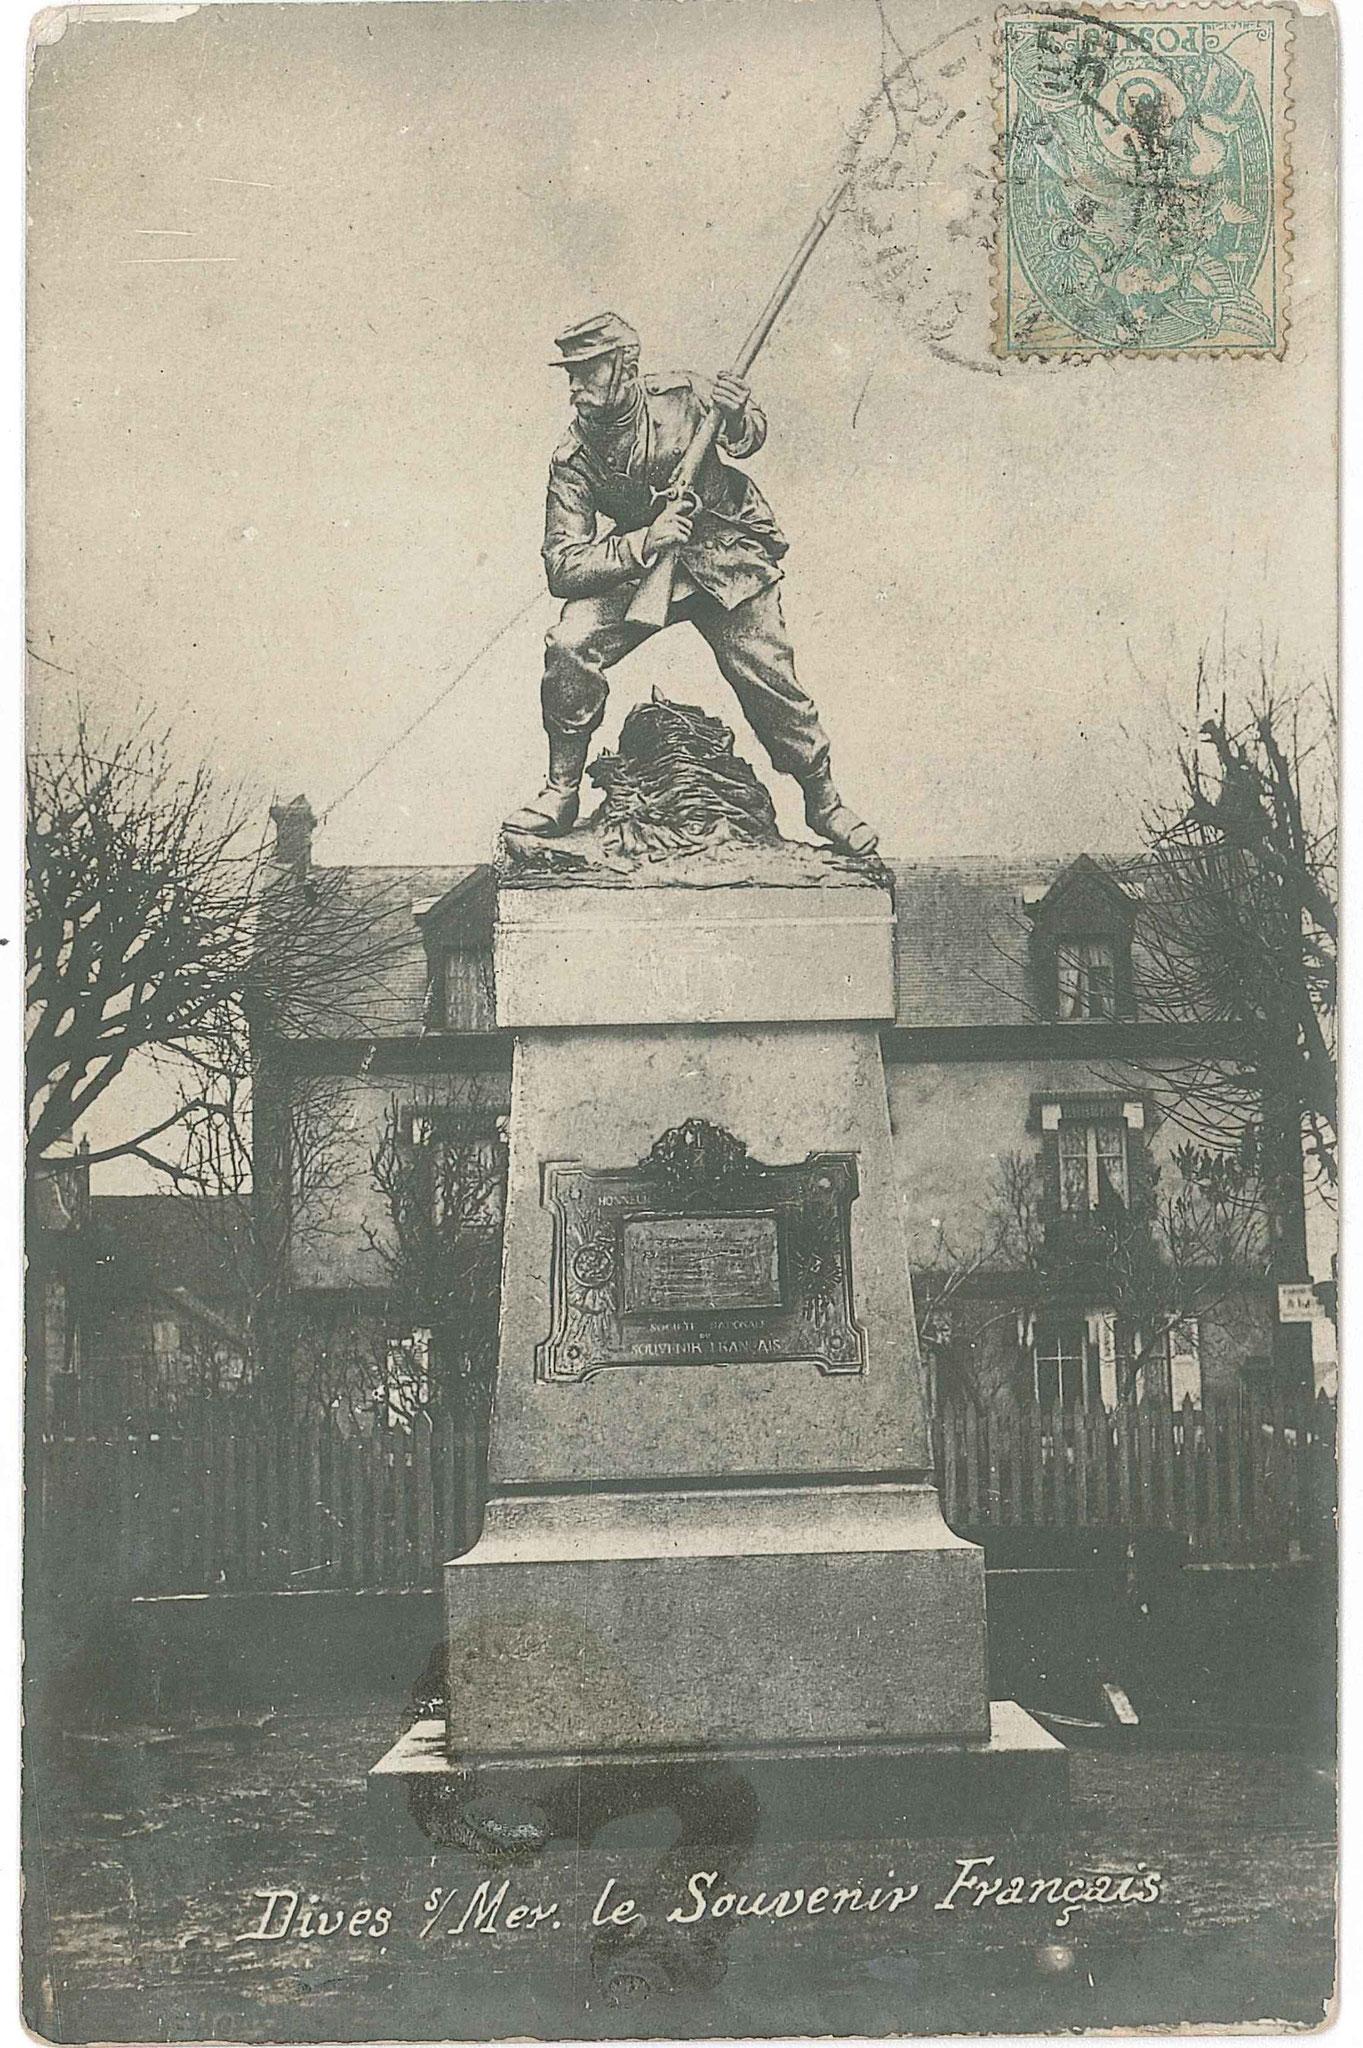 Monument du souvenir français - Bosquain